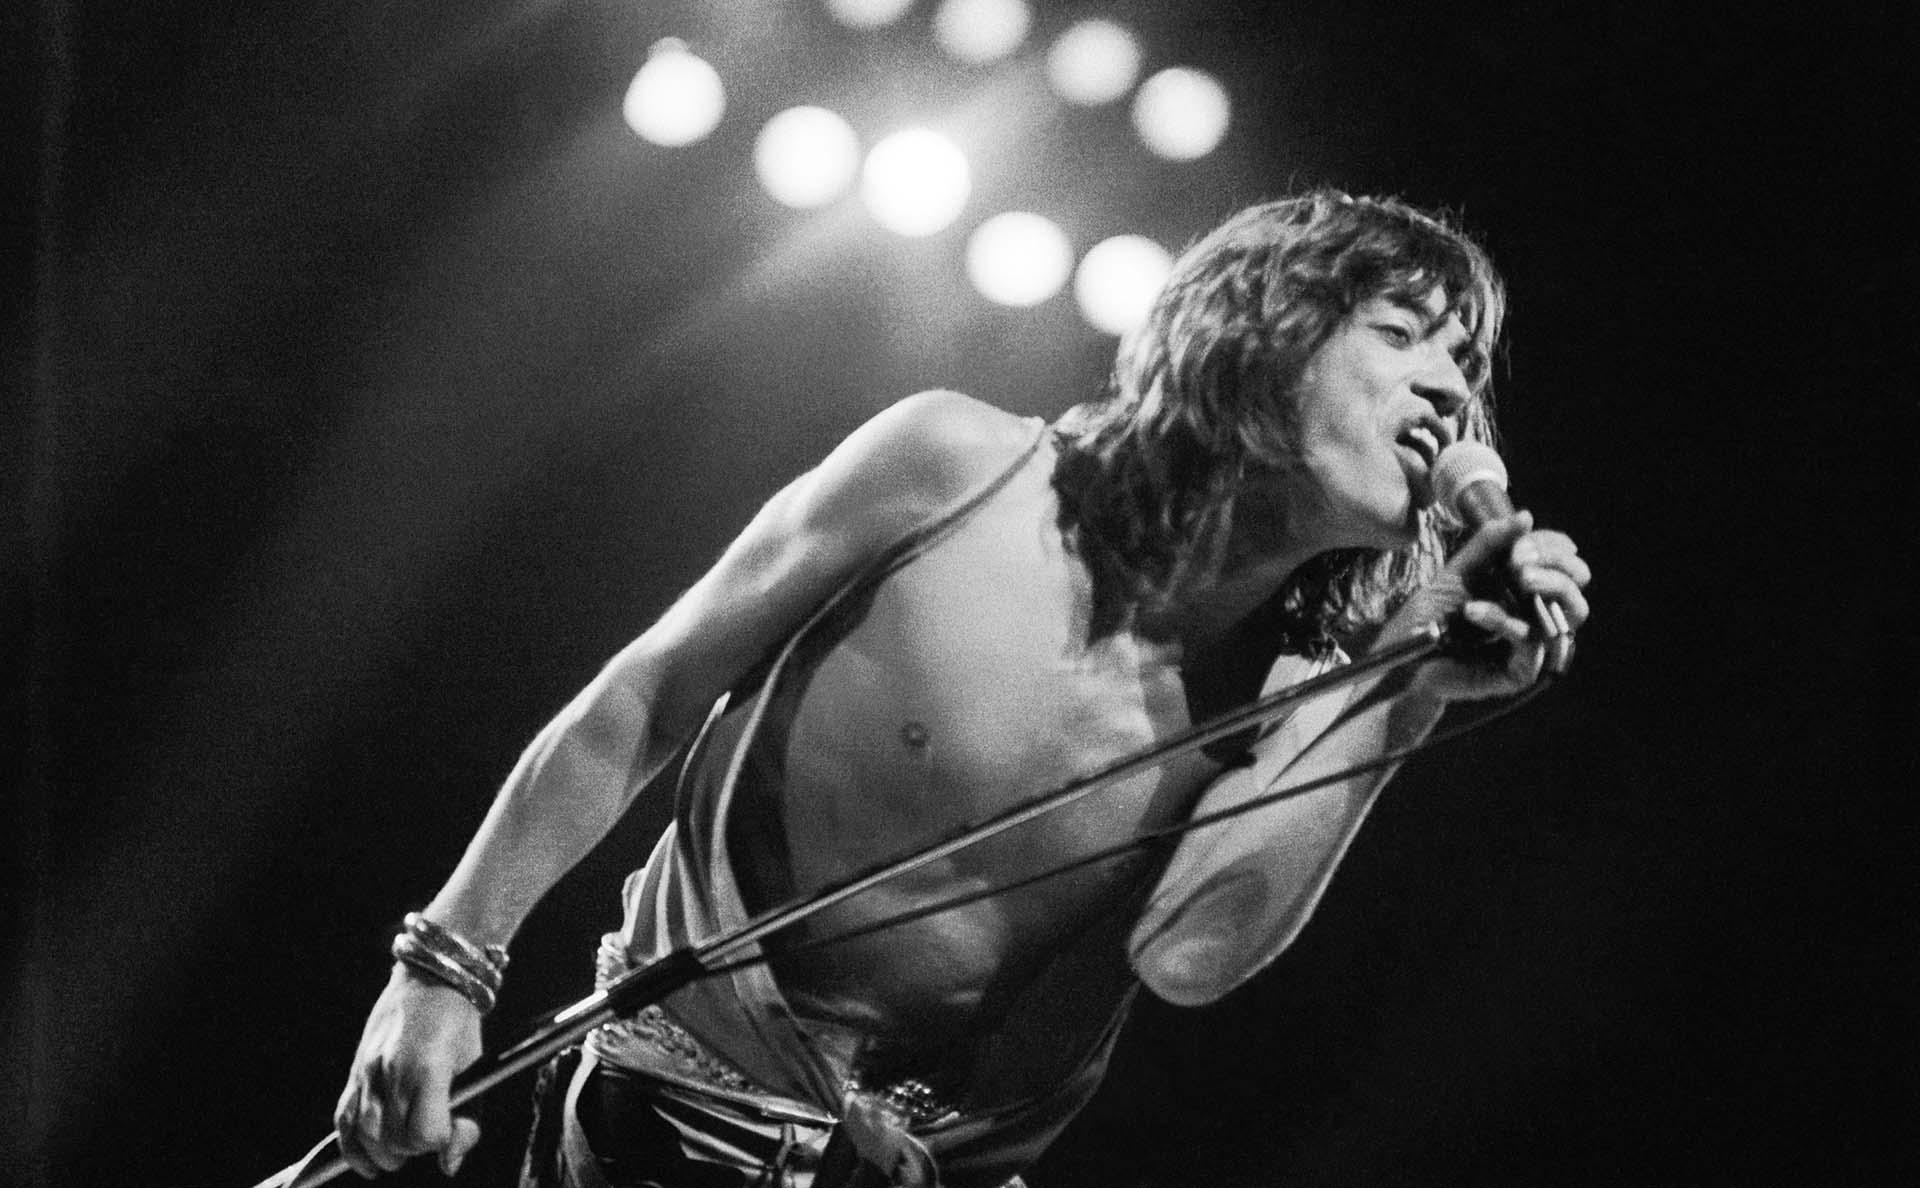 Mick Jagger actuando con los Rolling Stones en el Festival de Knebworth, Hertfordshire, el 21 de agosto de 1976.